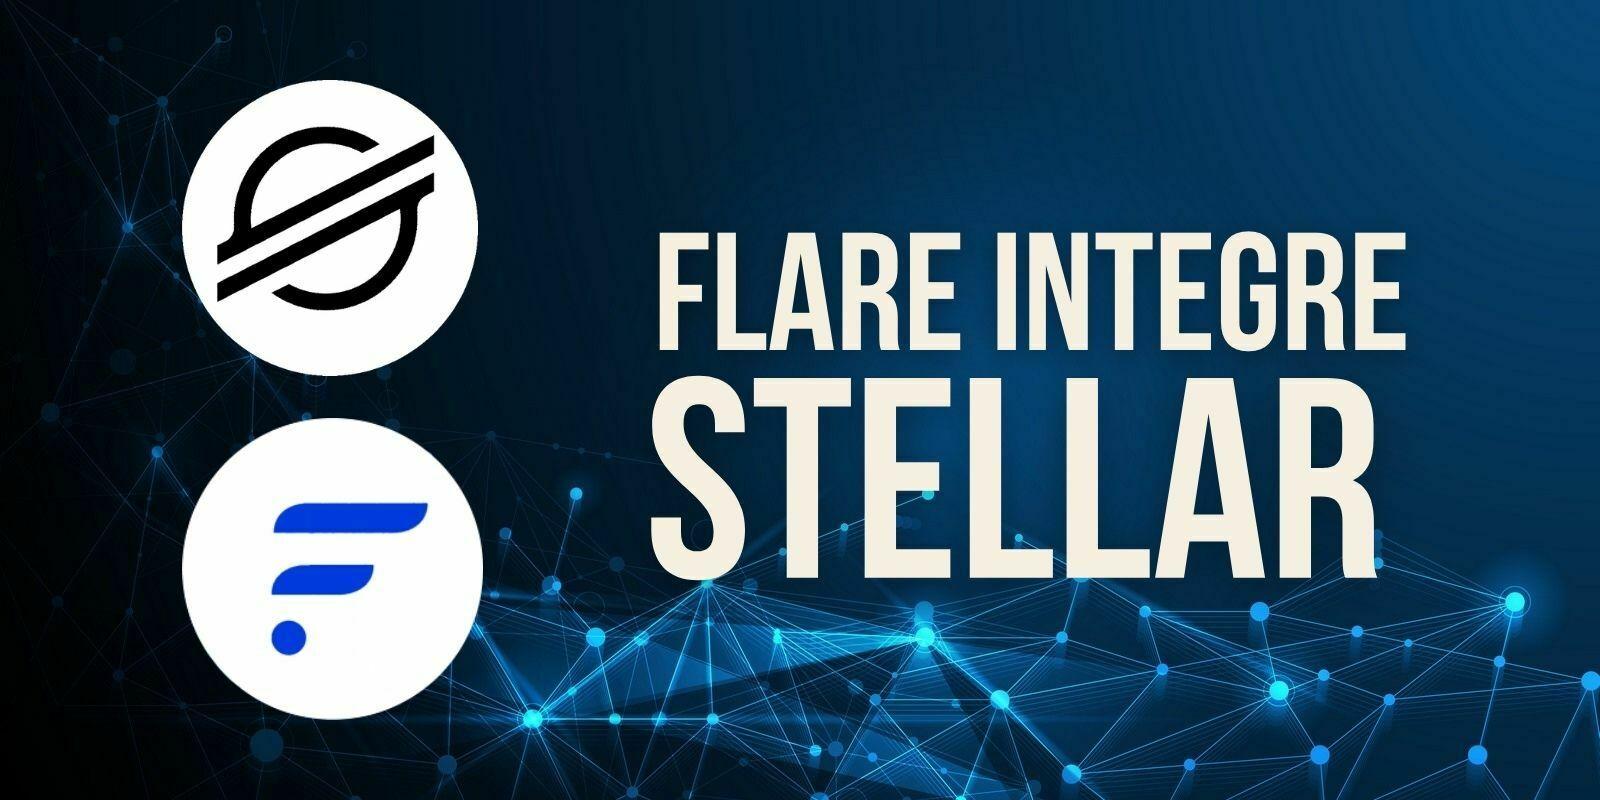 Flare Network intègre la cryptomonnaie Stellar (XLM)